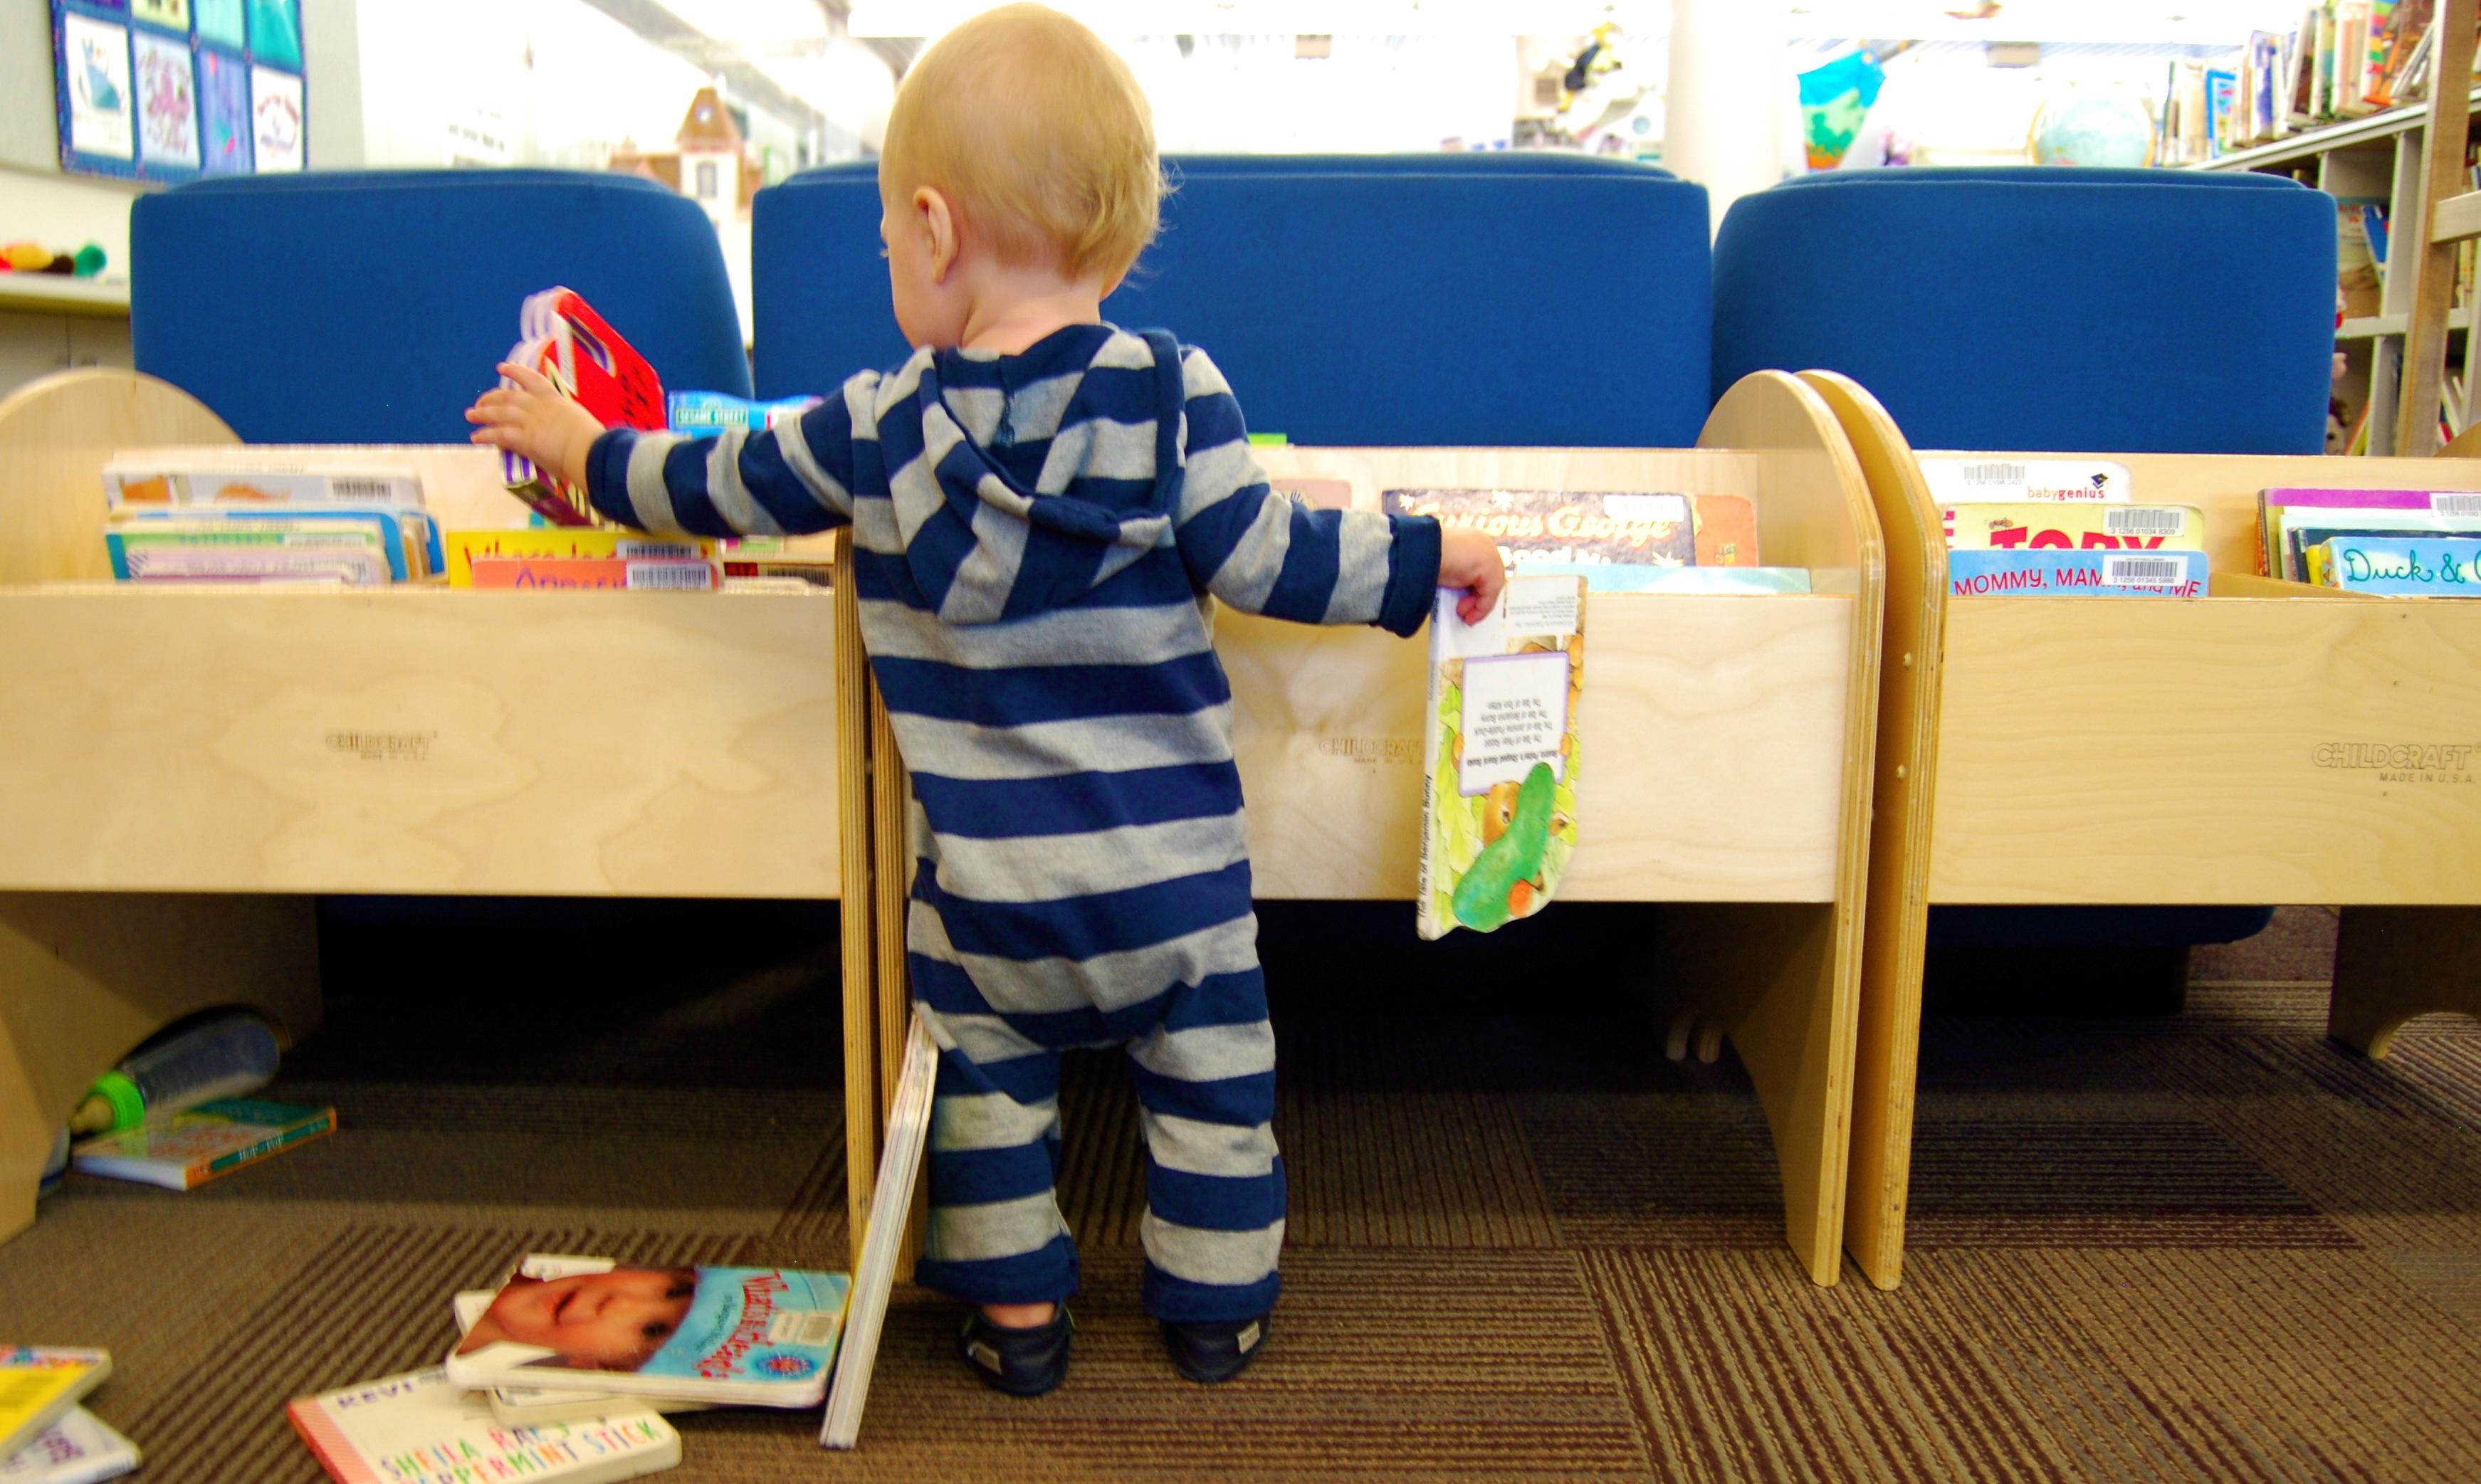 Lugares de interés en la lectura